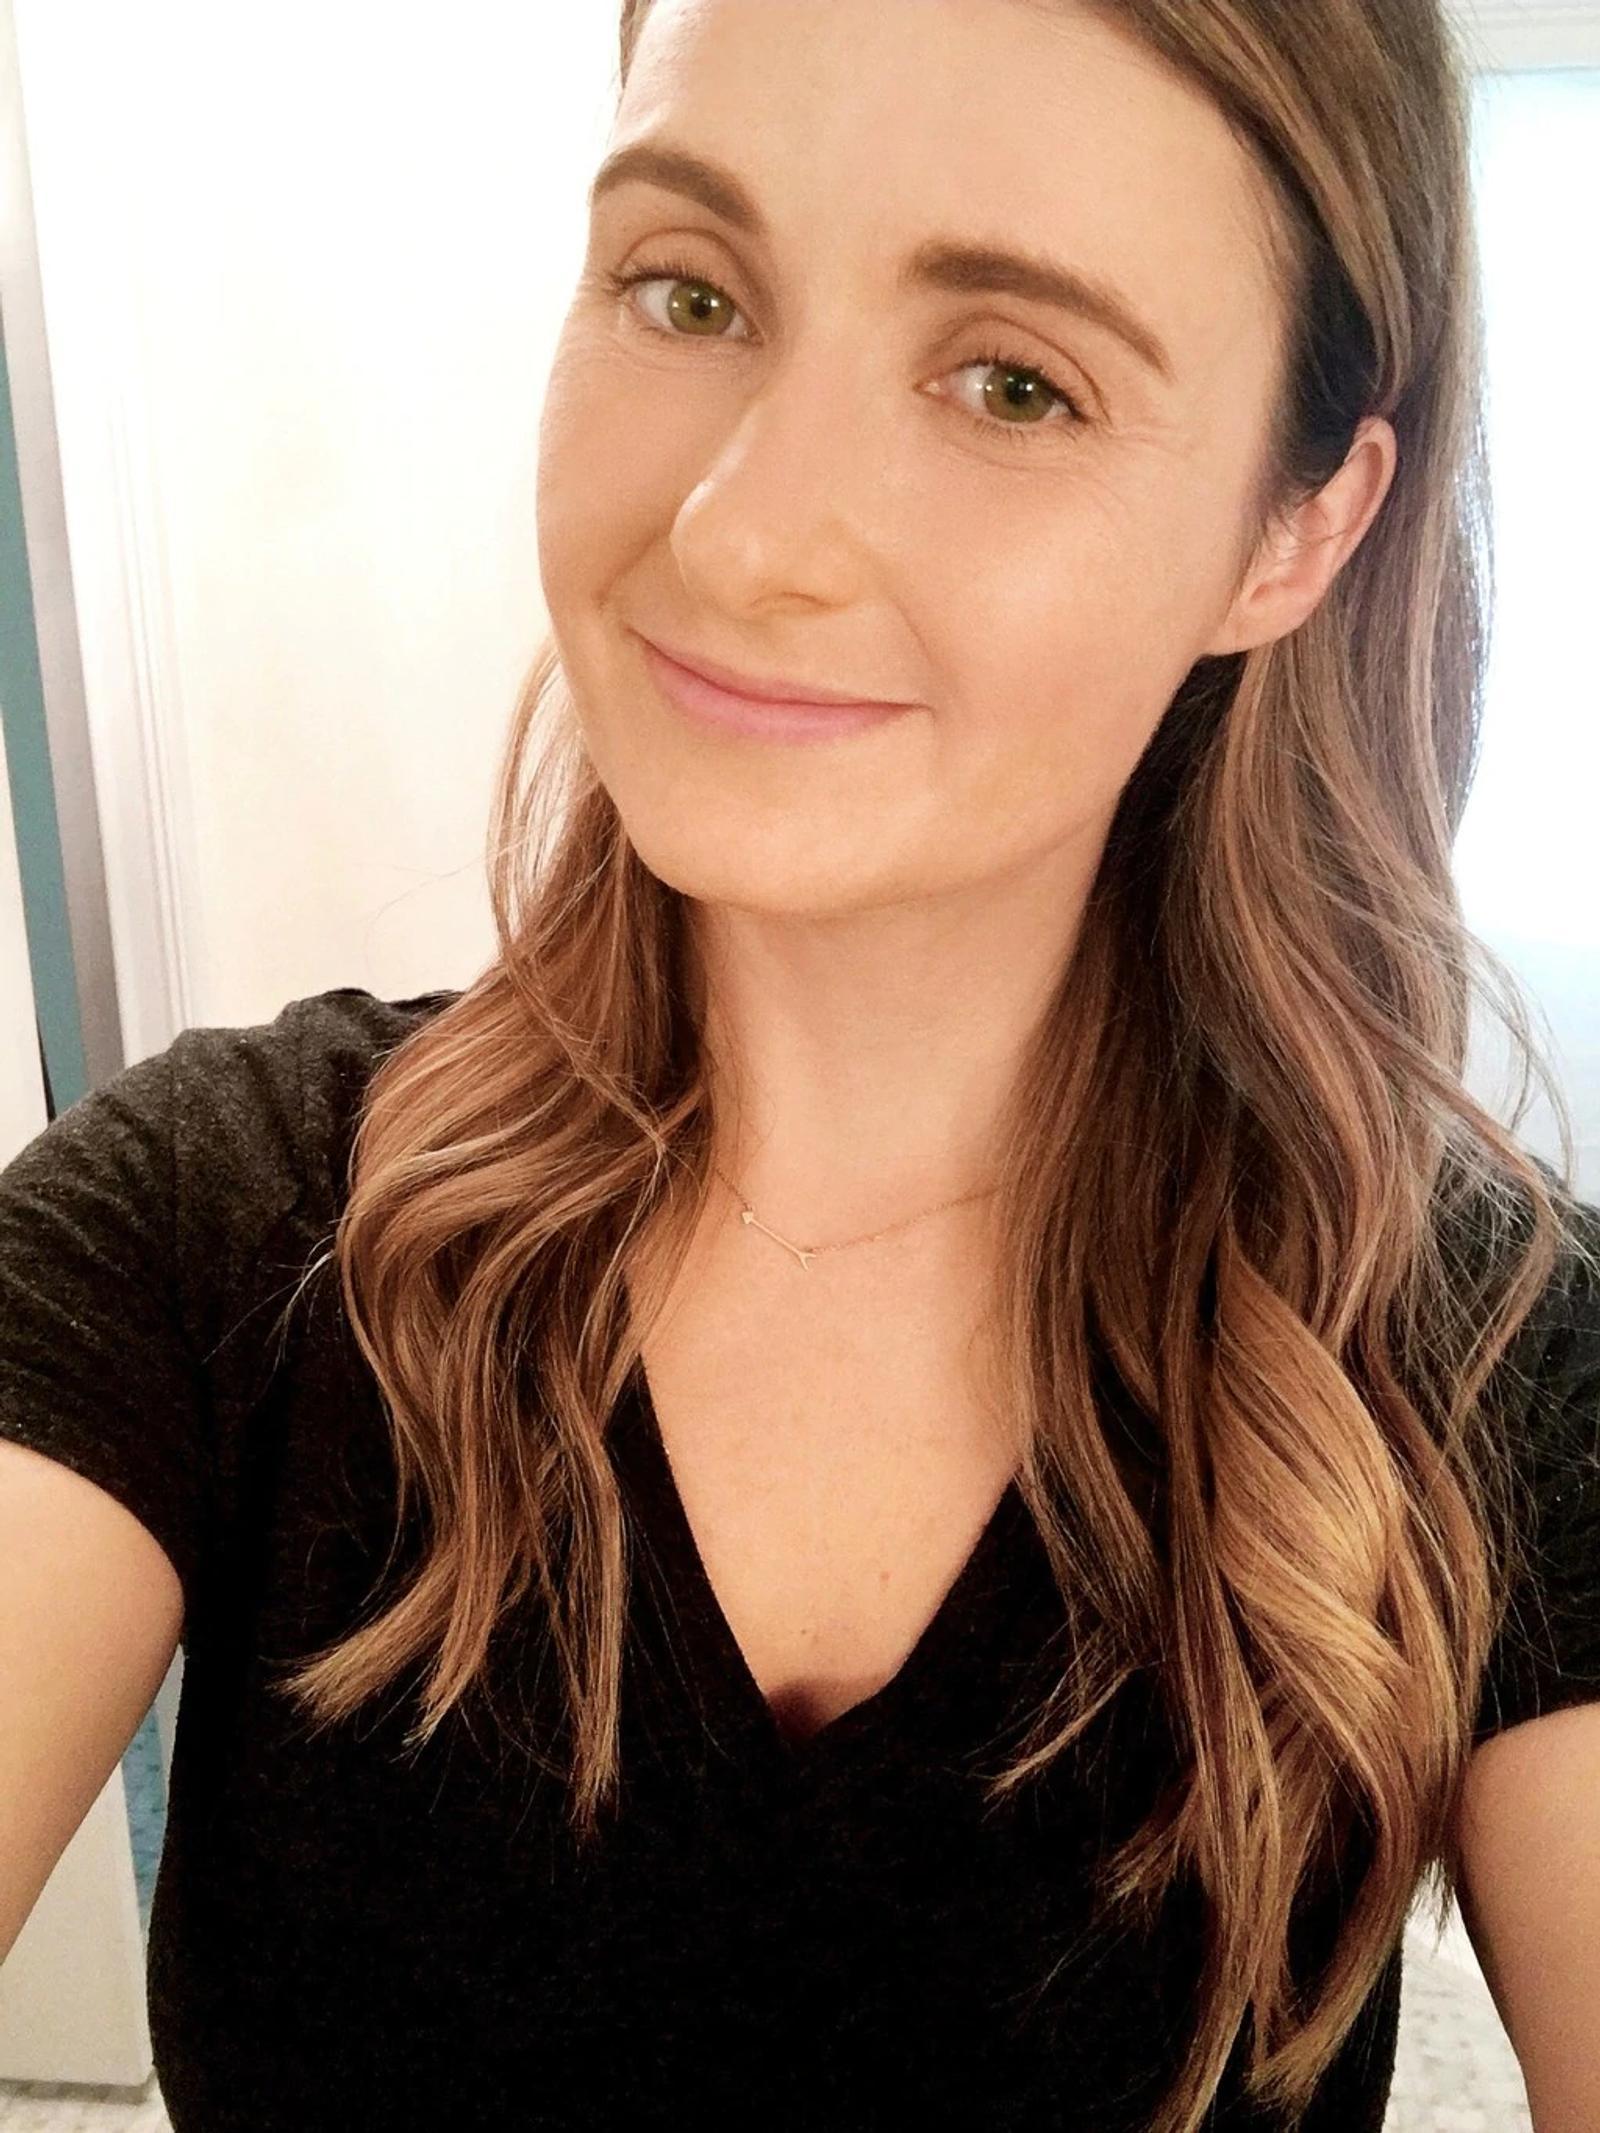 Day 5 through 7 Shot of Hair